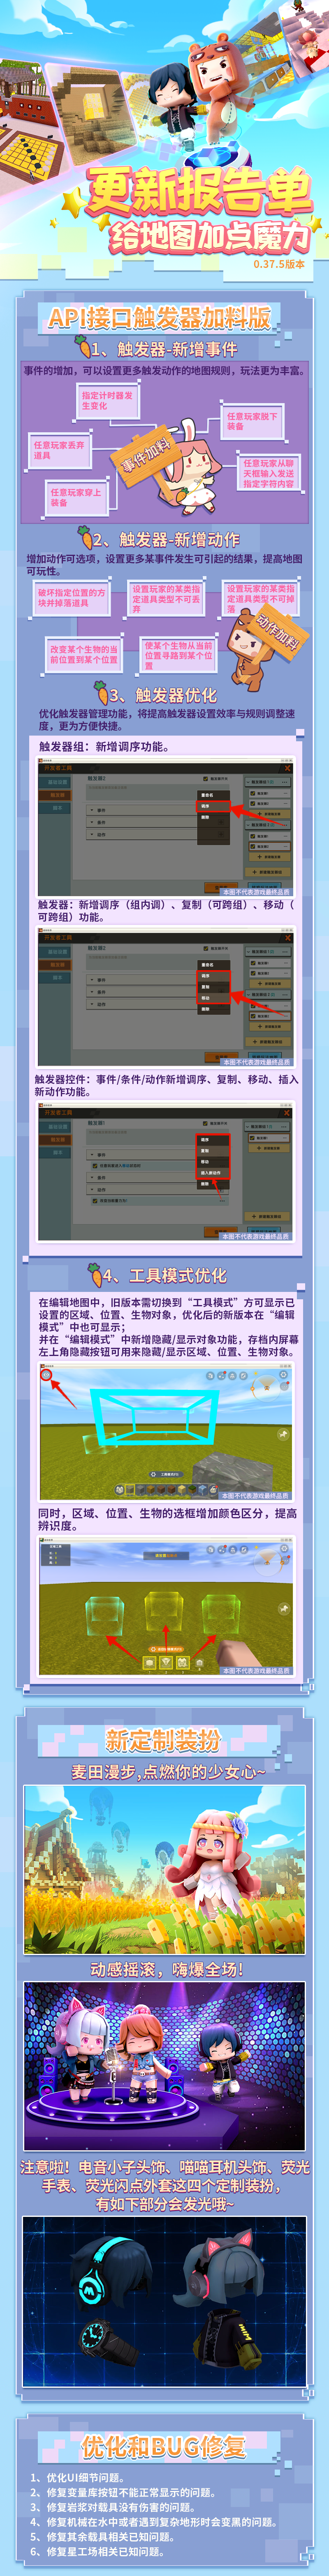 8月22日0.37.5版本-无二维码(1)